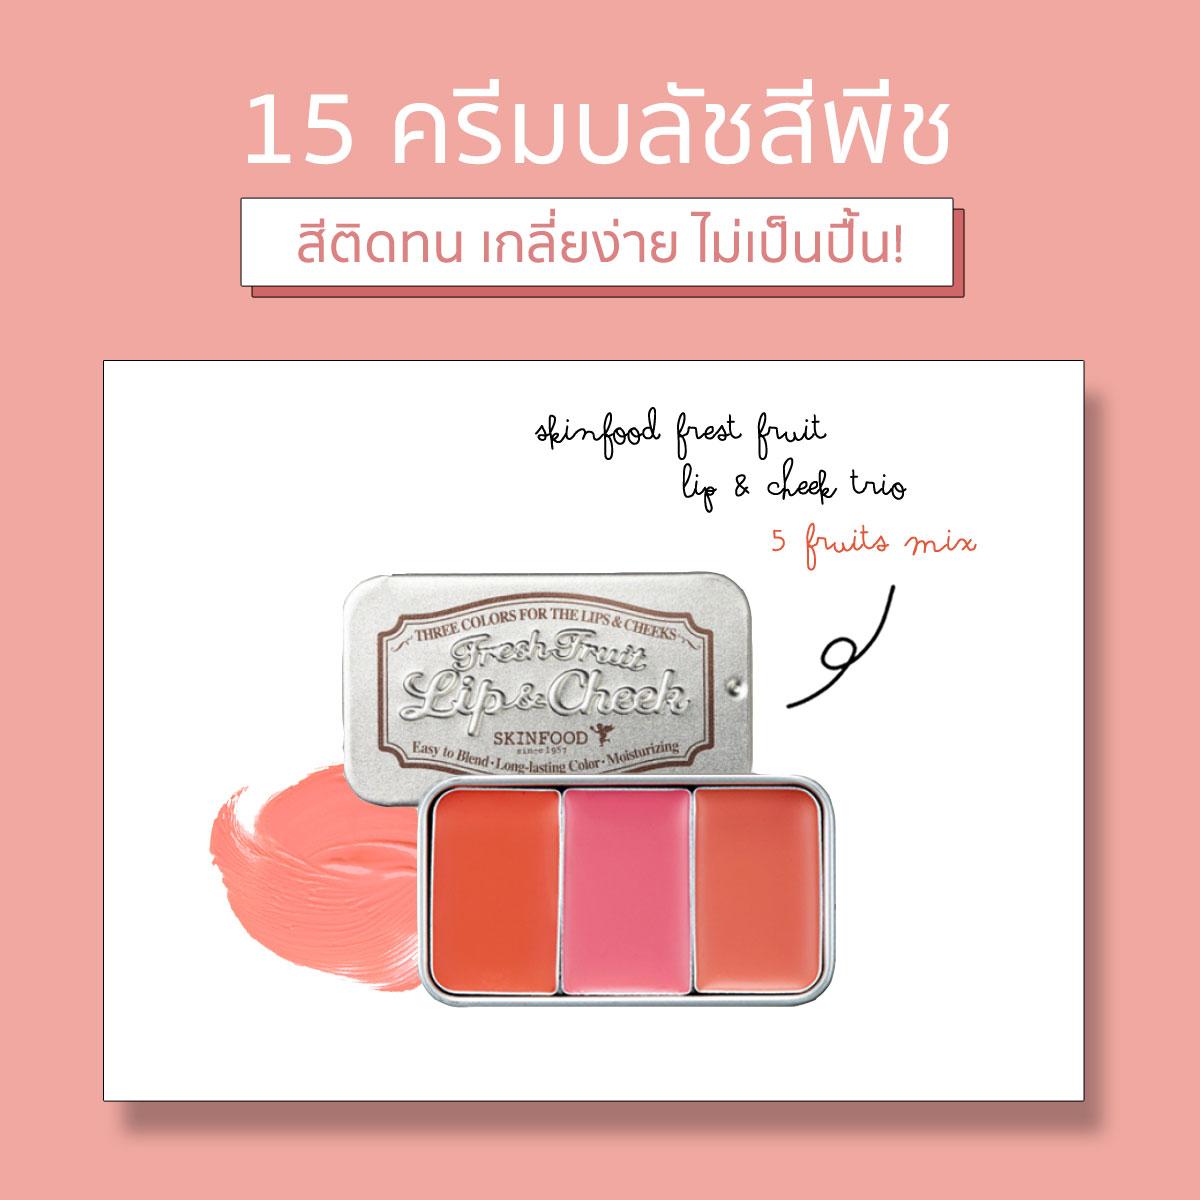 15 ครีมบลัชสีพีช บลัชออนเนื้อครีม สีติดทน เกลี่ยง่าย ใช้ง่าย ไม่เป็นปื้น!